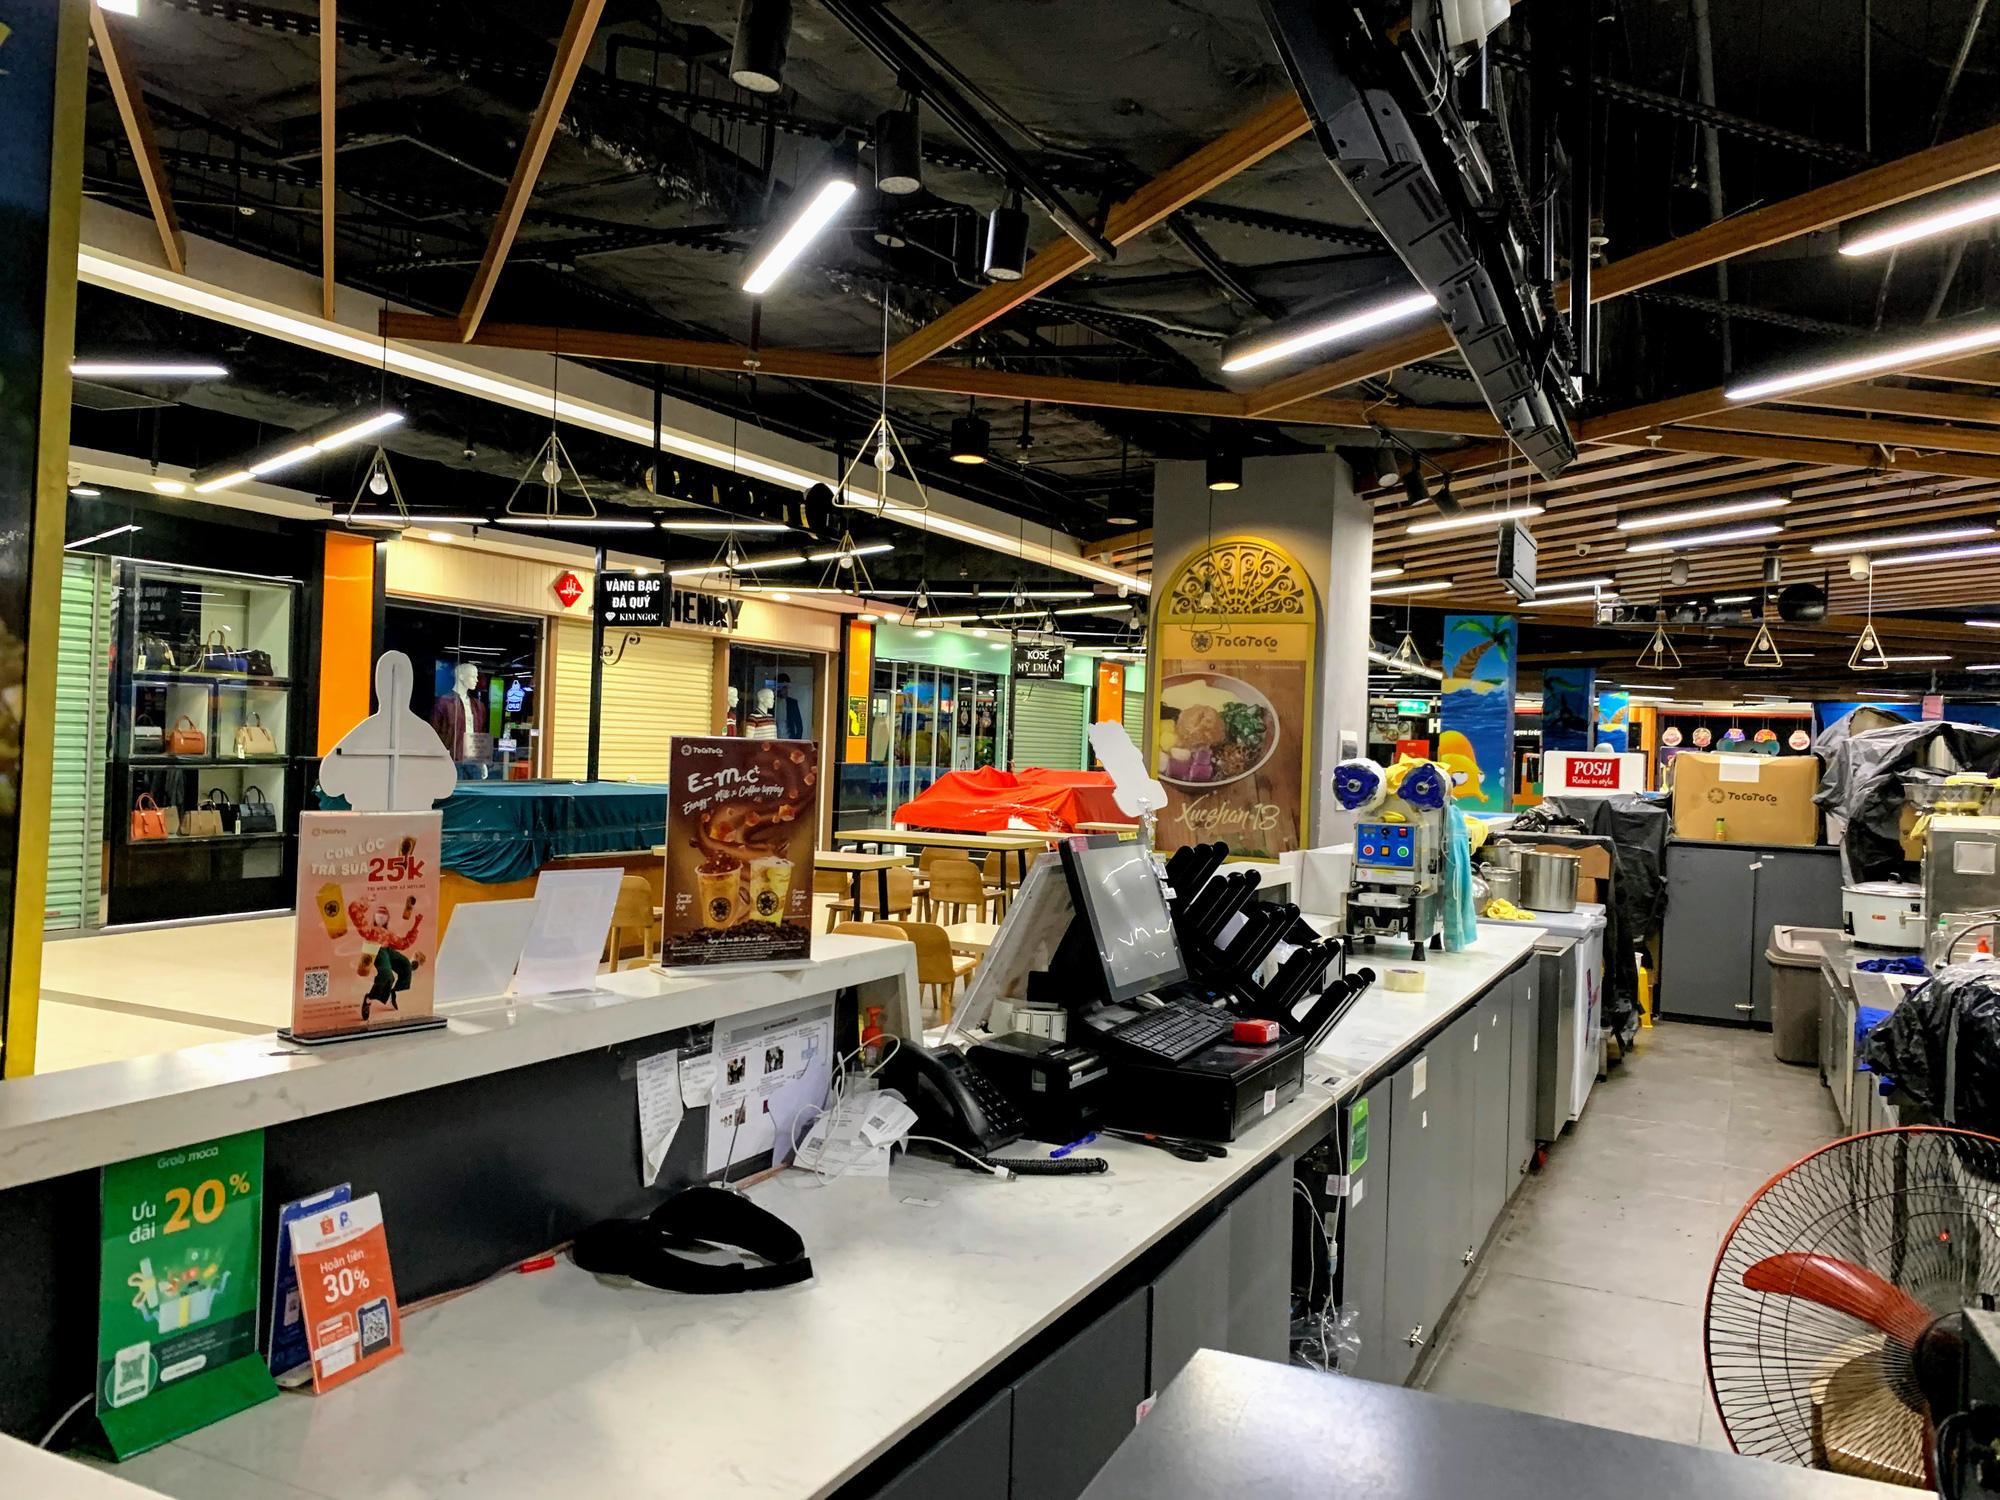 Cận cảnh ngày đầu chống dịch ở Hà Nội: Các cơ sở dịch vụ đóng cửa, siêu thị tiếp tục hoạt động, hàng hoá đầy ăm ắp vắng người mua - Ảnh 6.